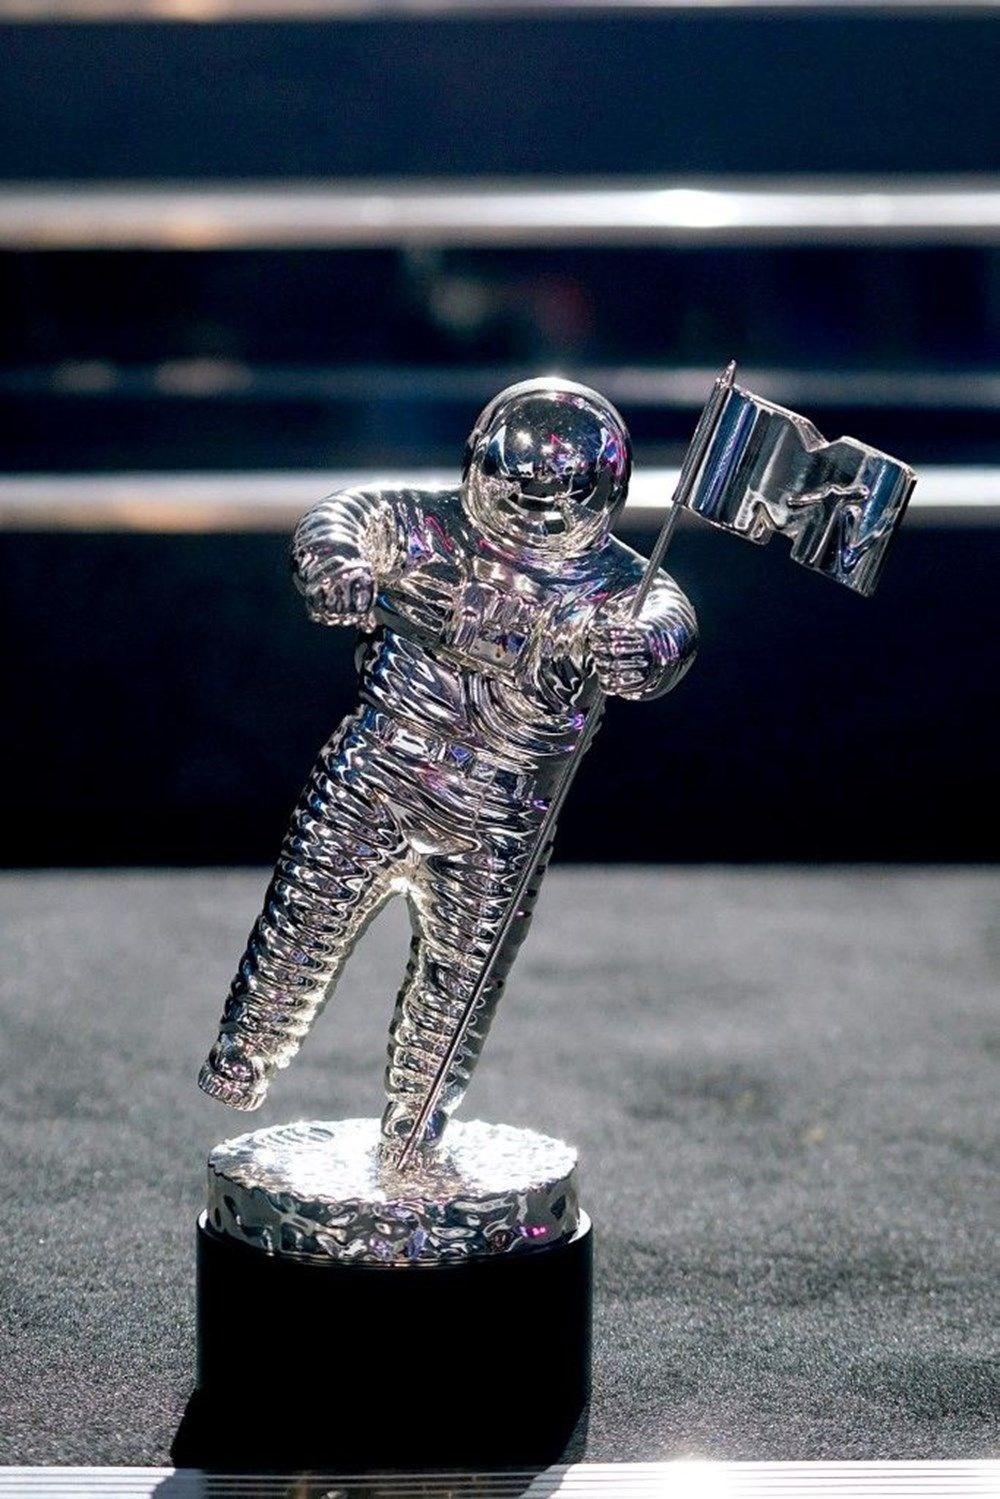 2020 MTV Video Müzik Ödülleri sahiplerini buldu - 13